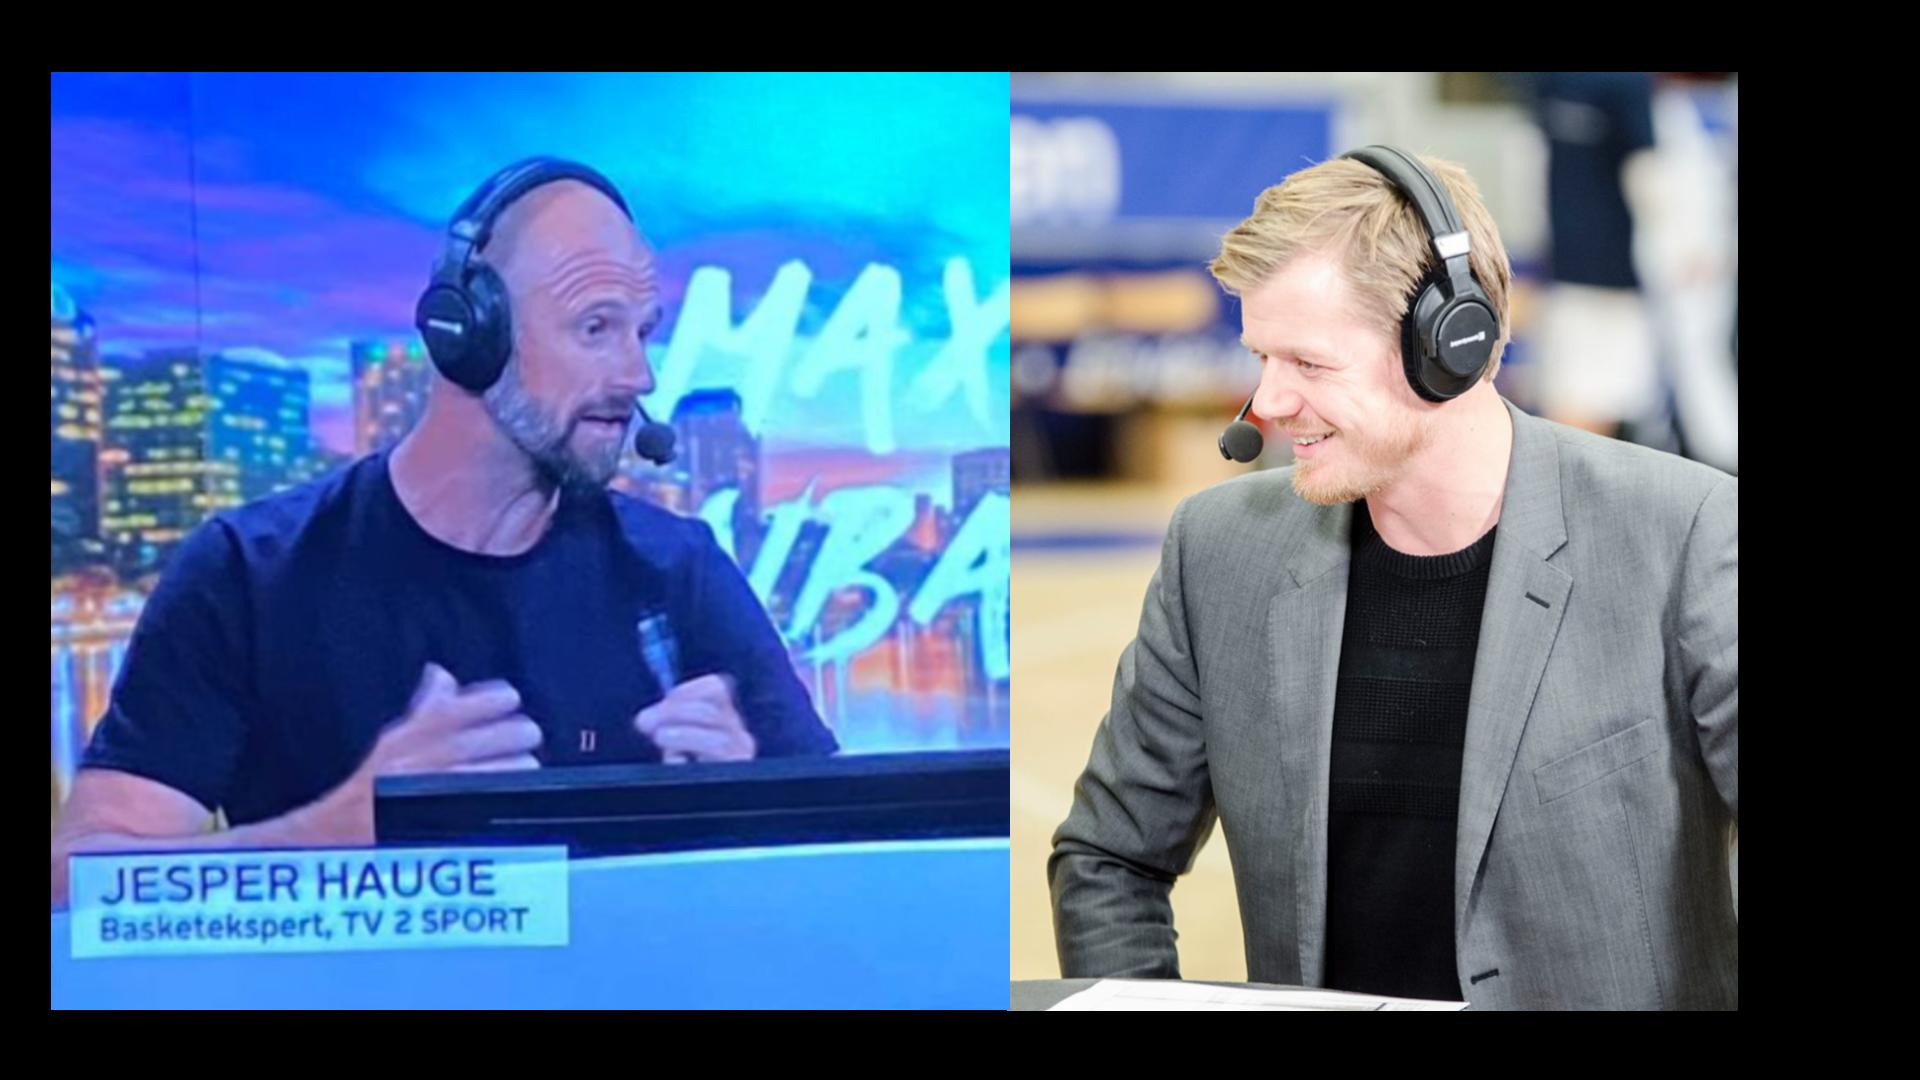 Podcast: Dansk baskets nutid og fremtid med Jesper Hauge og Jens Laulund